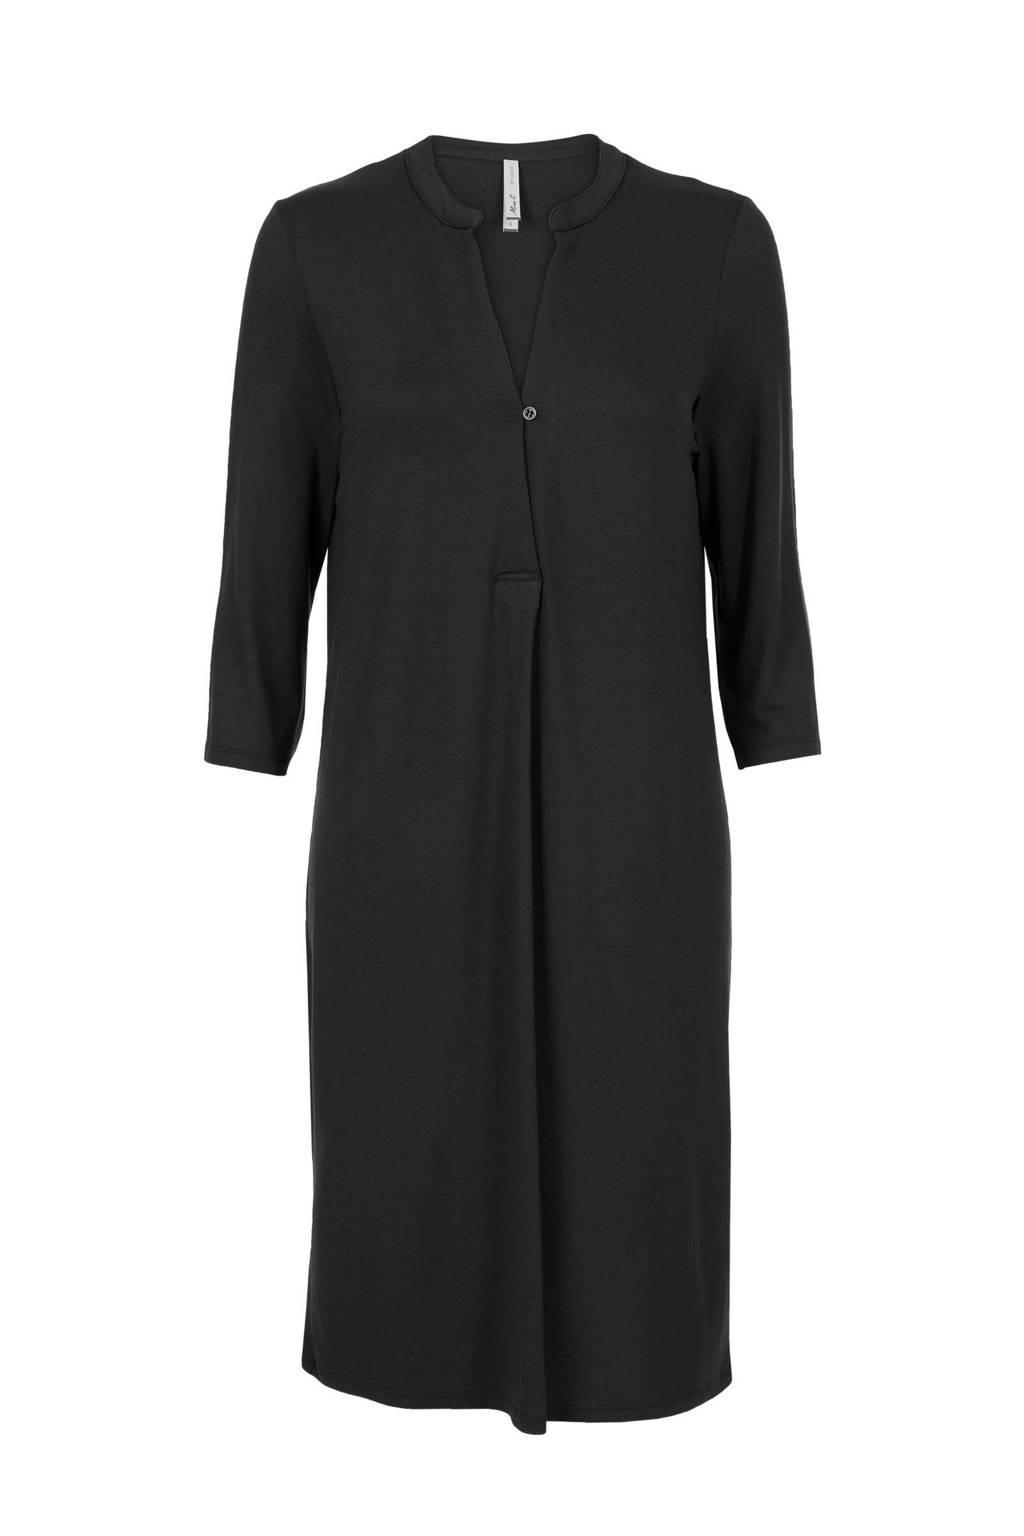 Miss Etam jersey jurk zwart, Zwart